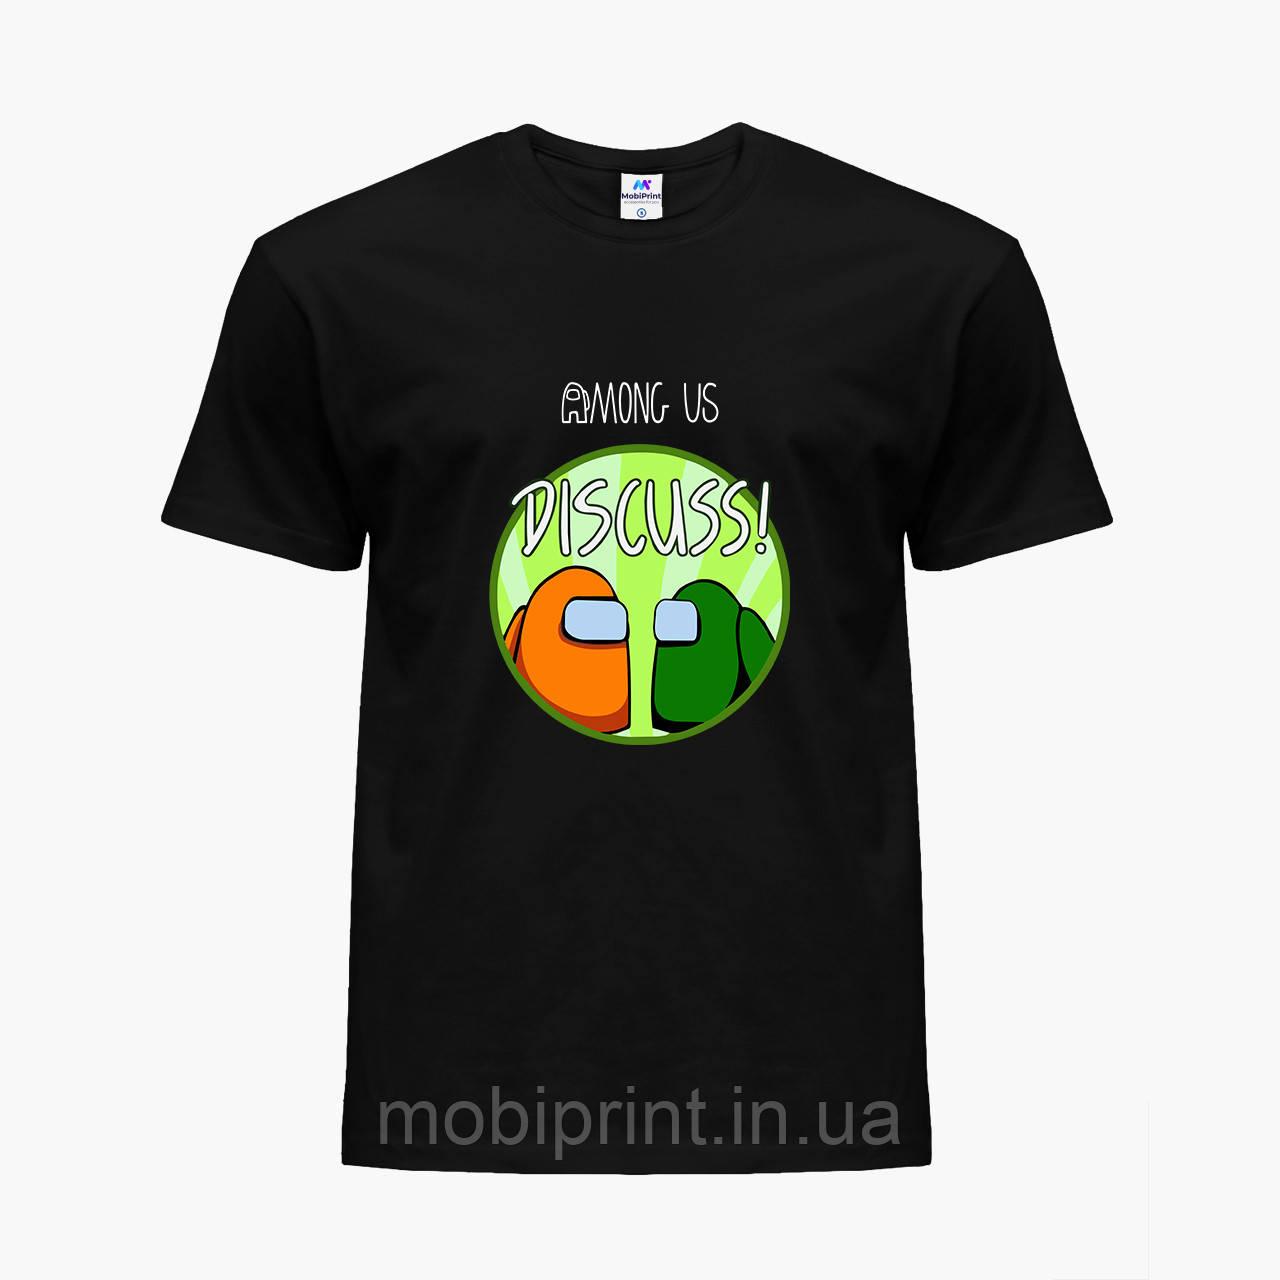 Детская футболка для мальчиков Амонг Ас (Among Us) (25186-2588) Черный